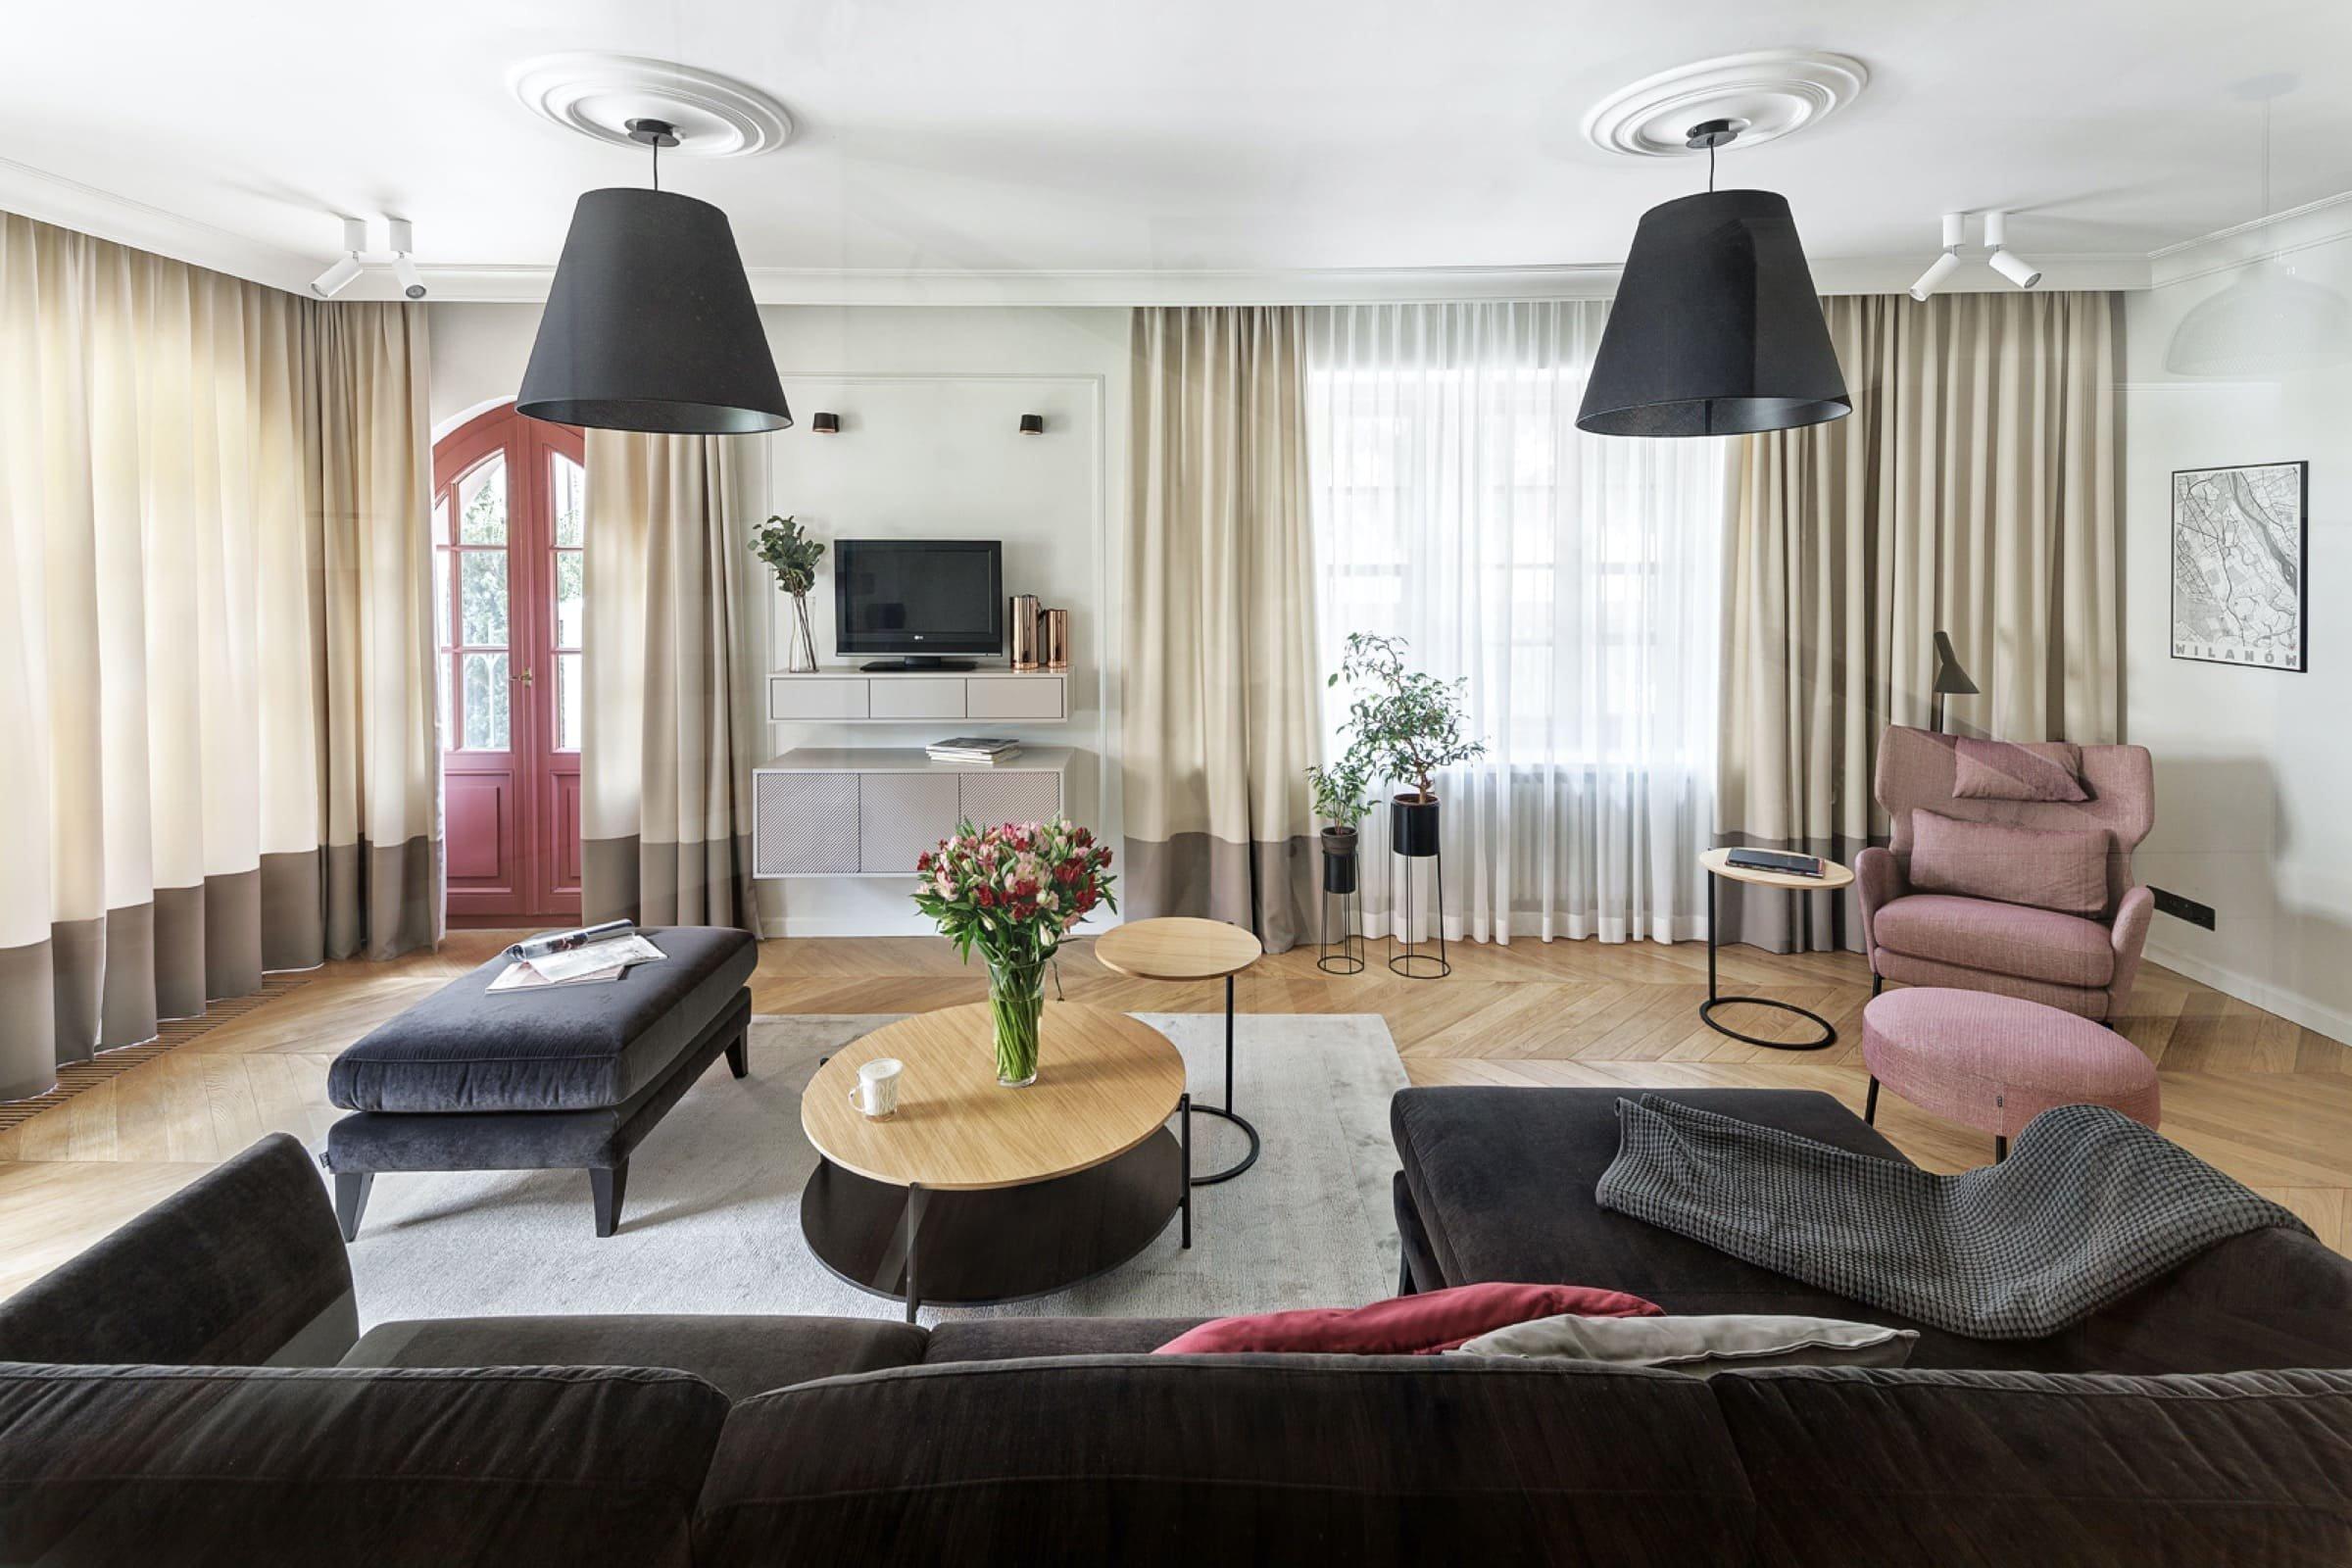 V dnešním příspěvku zavítáme do interiéru historického domu v Sadybě, městské čtvrti hlavního města Polska. Na ploše o 300 m2 zde vzniklo neskutečně půvabné bydlení umocněné historickými architektonickými prvky, příjemnými odstíny barev, ale i doplňky s nádechem vzdálených krajů.